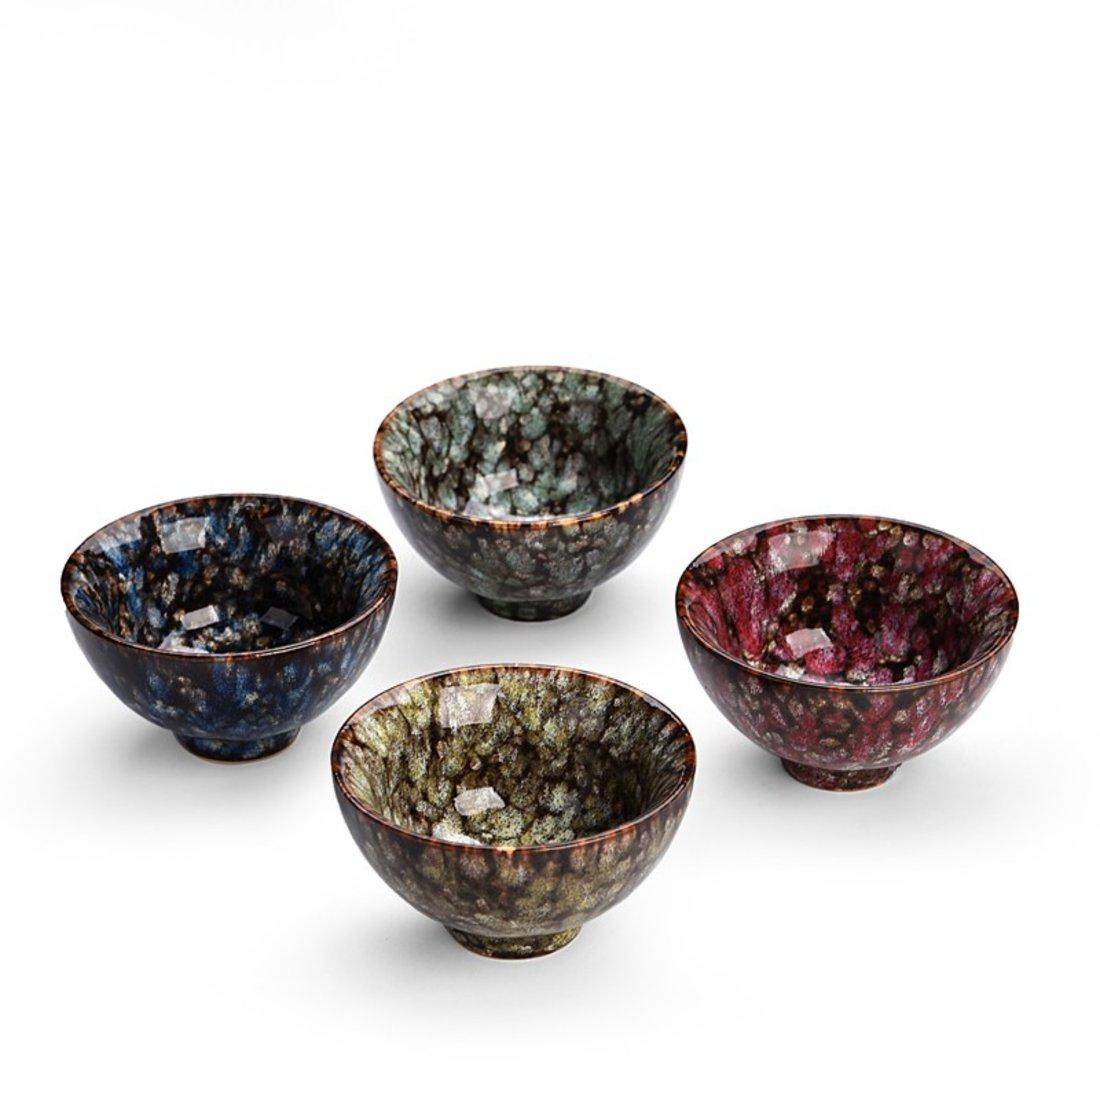 「品茗杯」陶瓷窑变茶杯